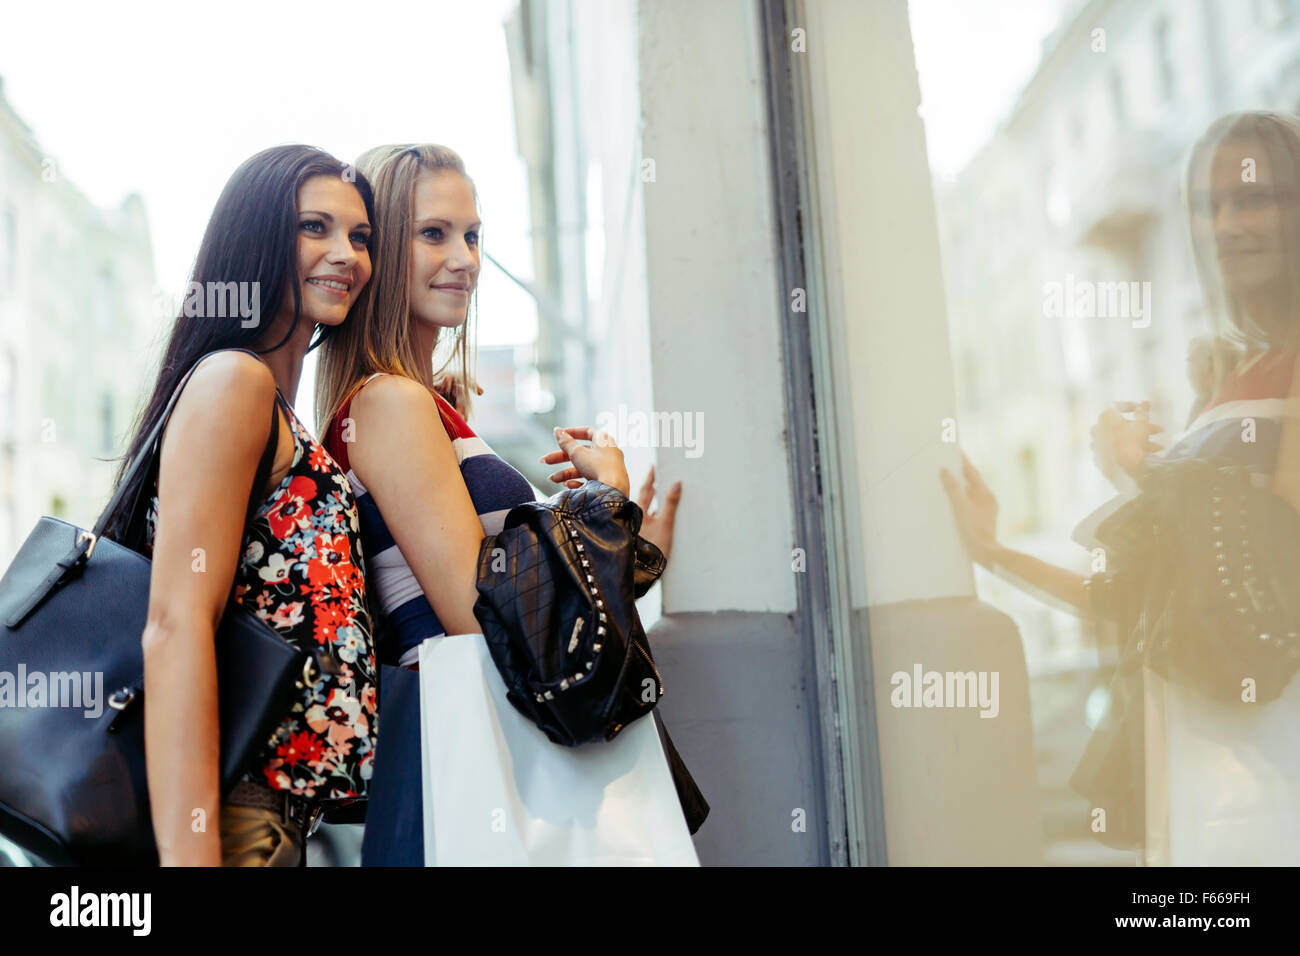 Belle Donne Shopping Spree sulla strada Immagini Stock